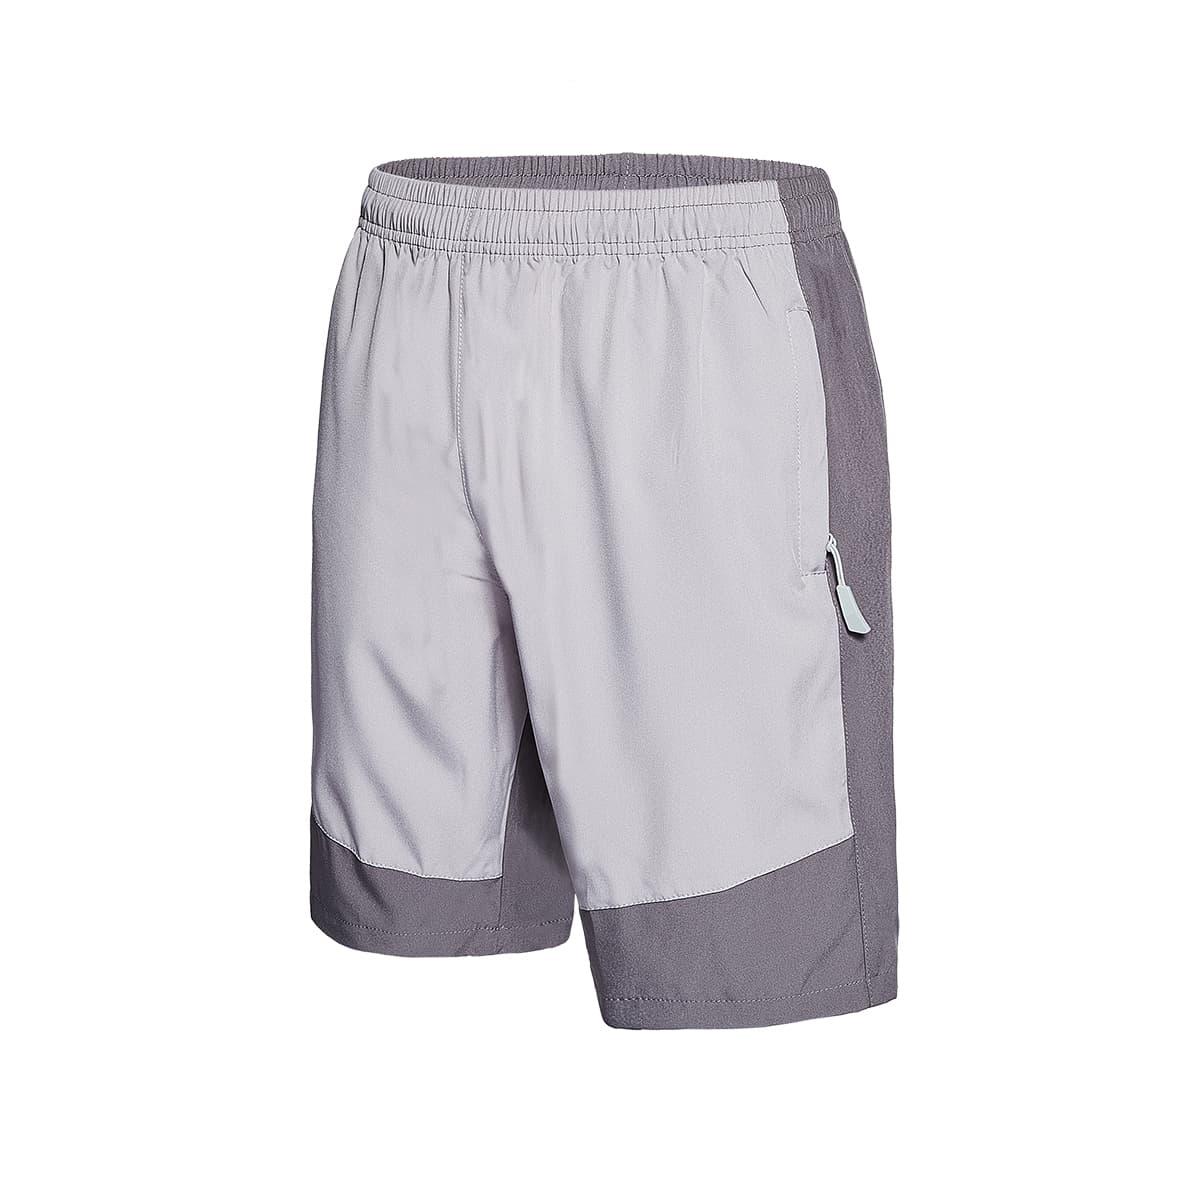 Мужские контрастные спортивные шорты